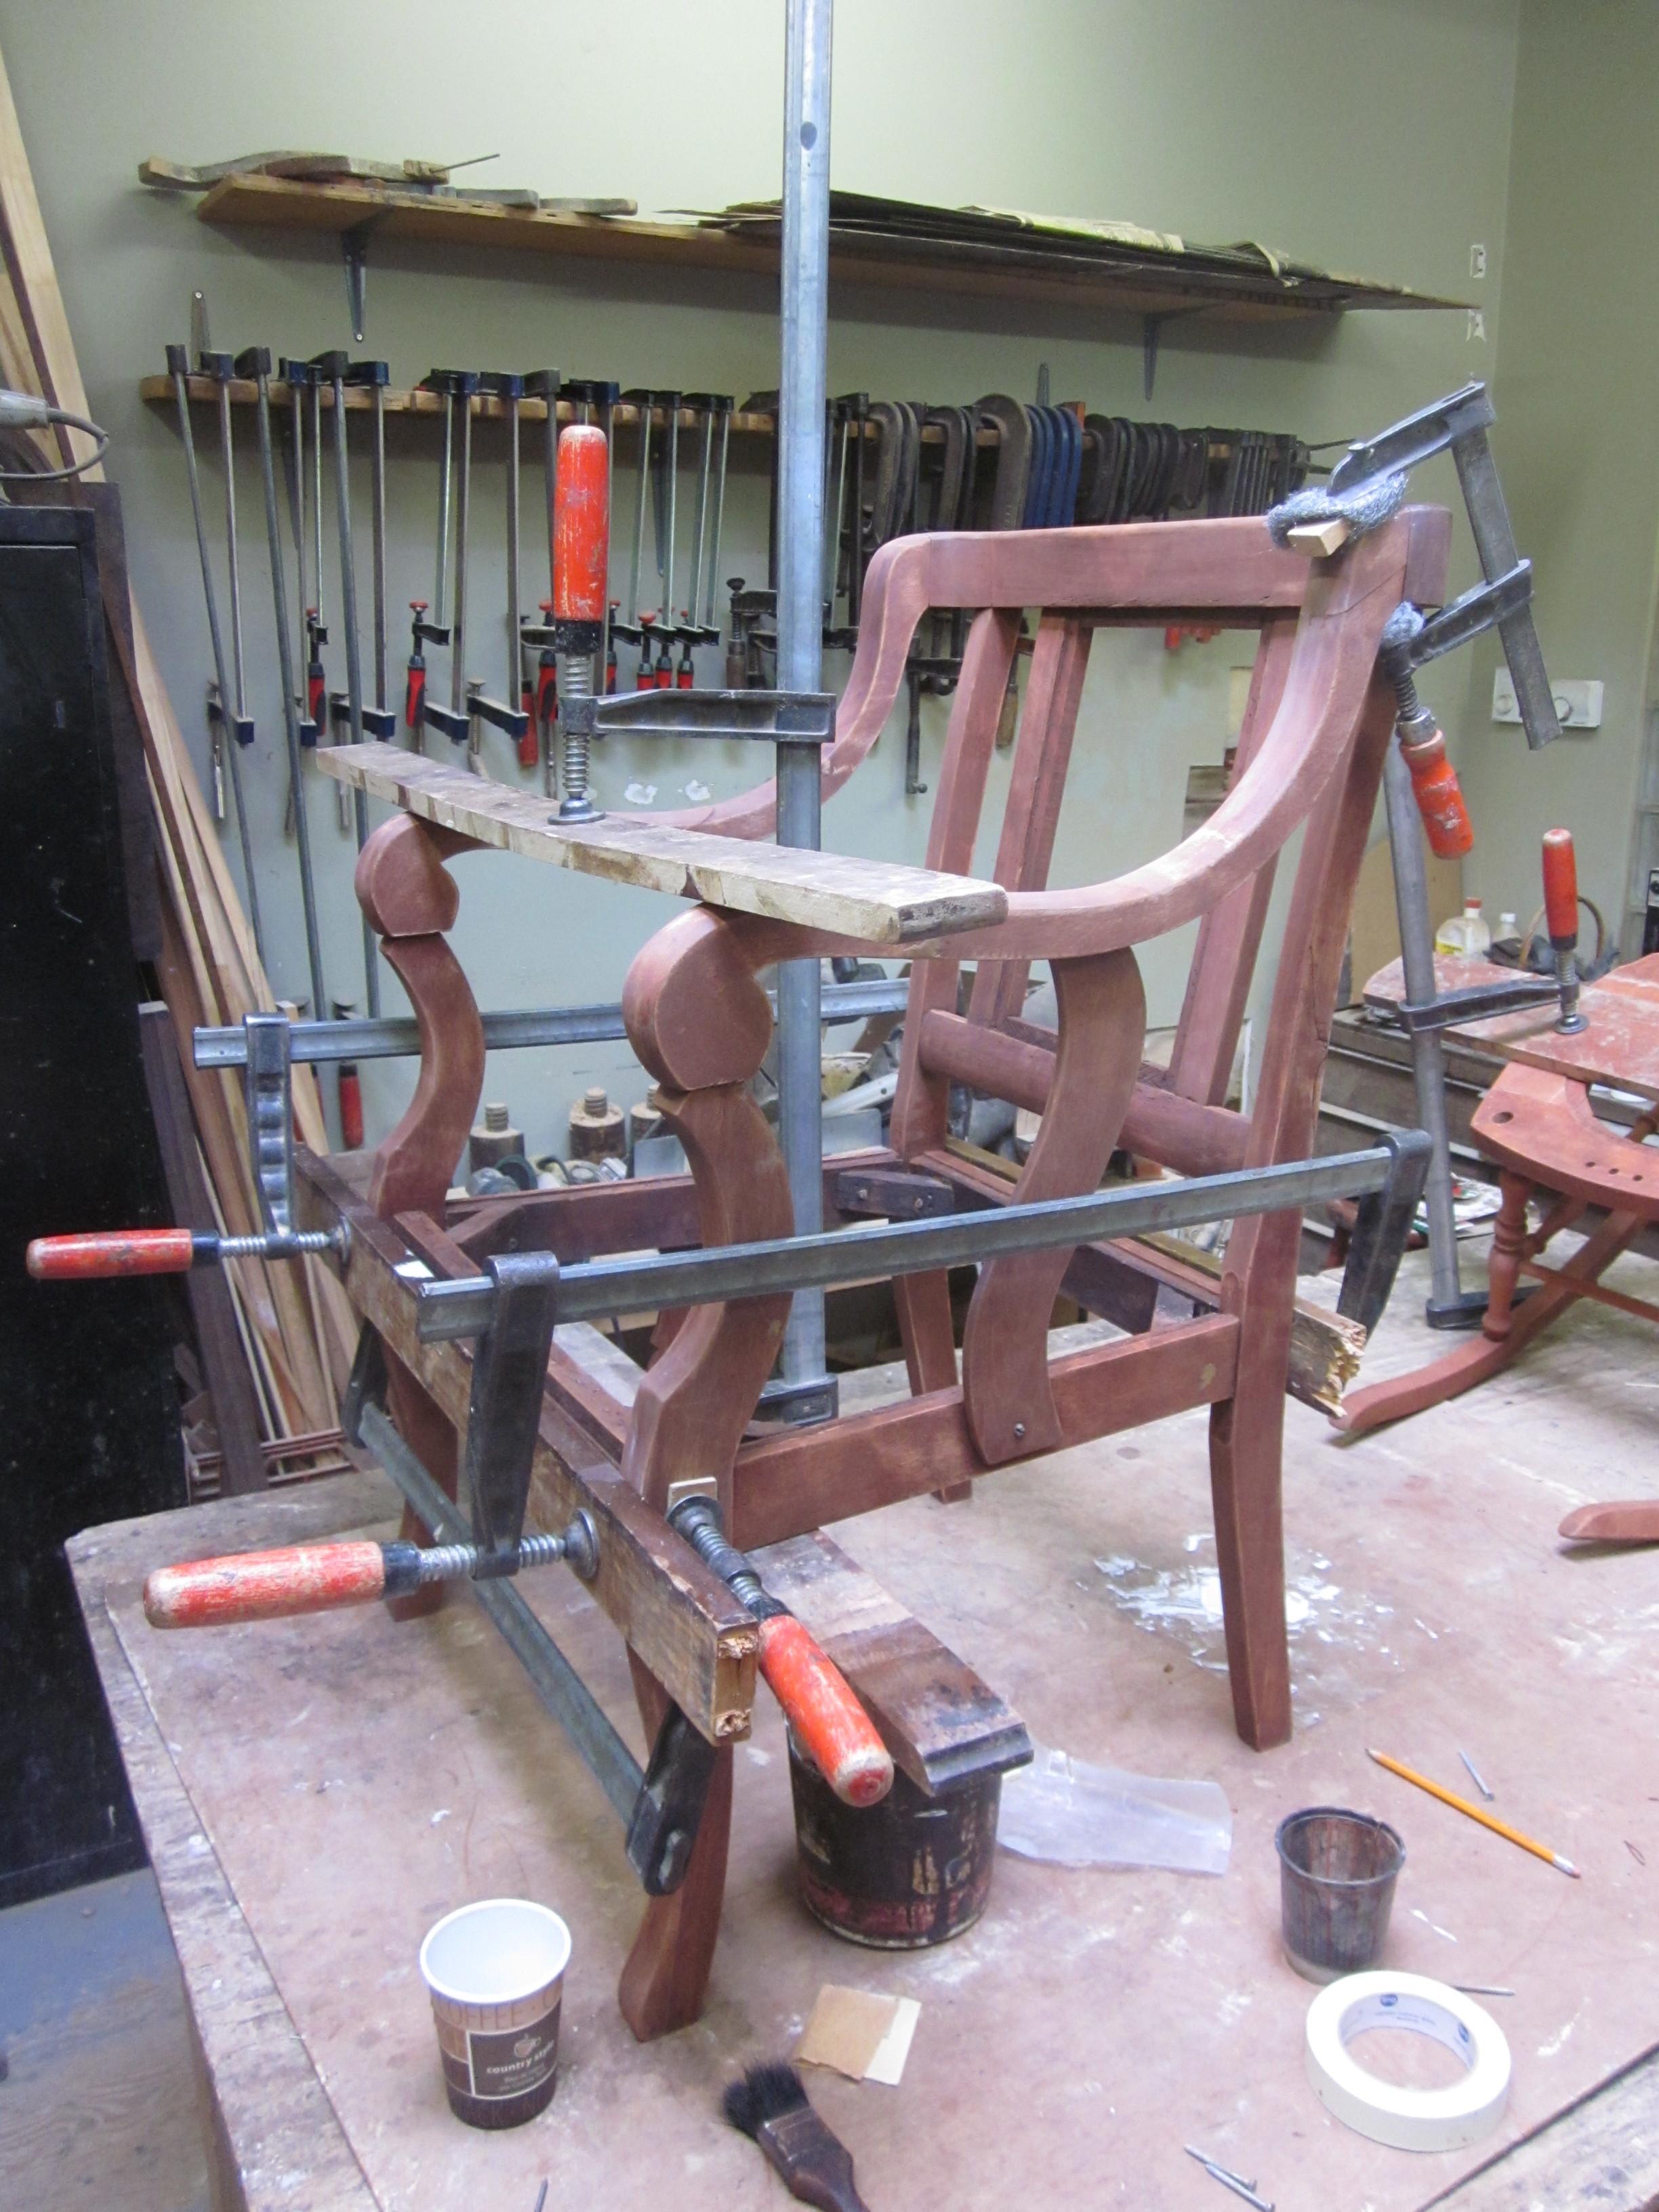 chair repair(re-glue)